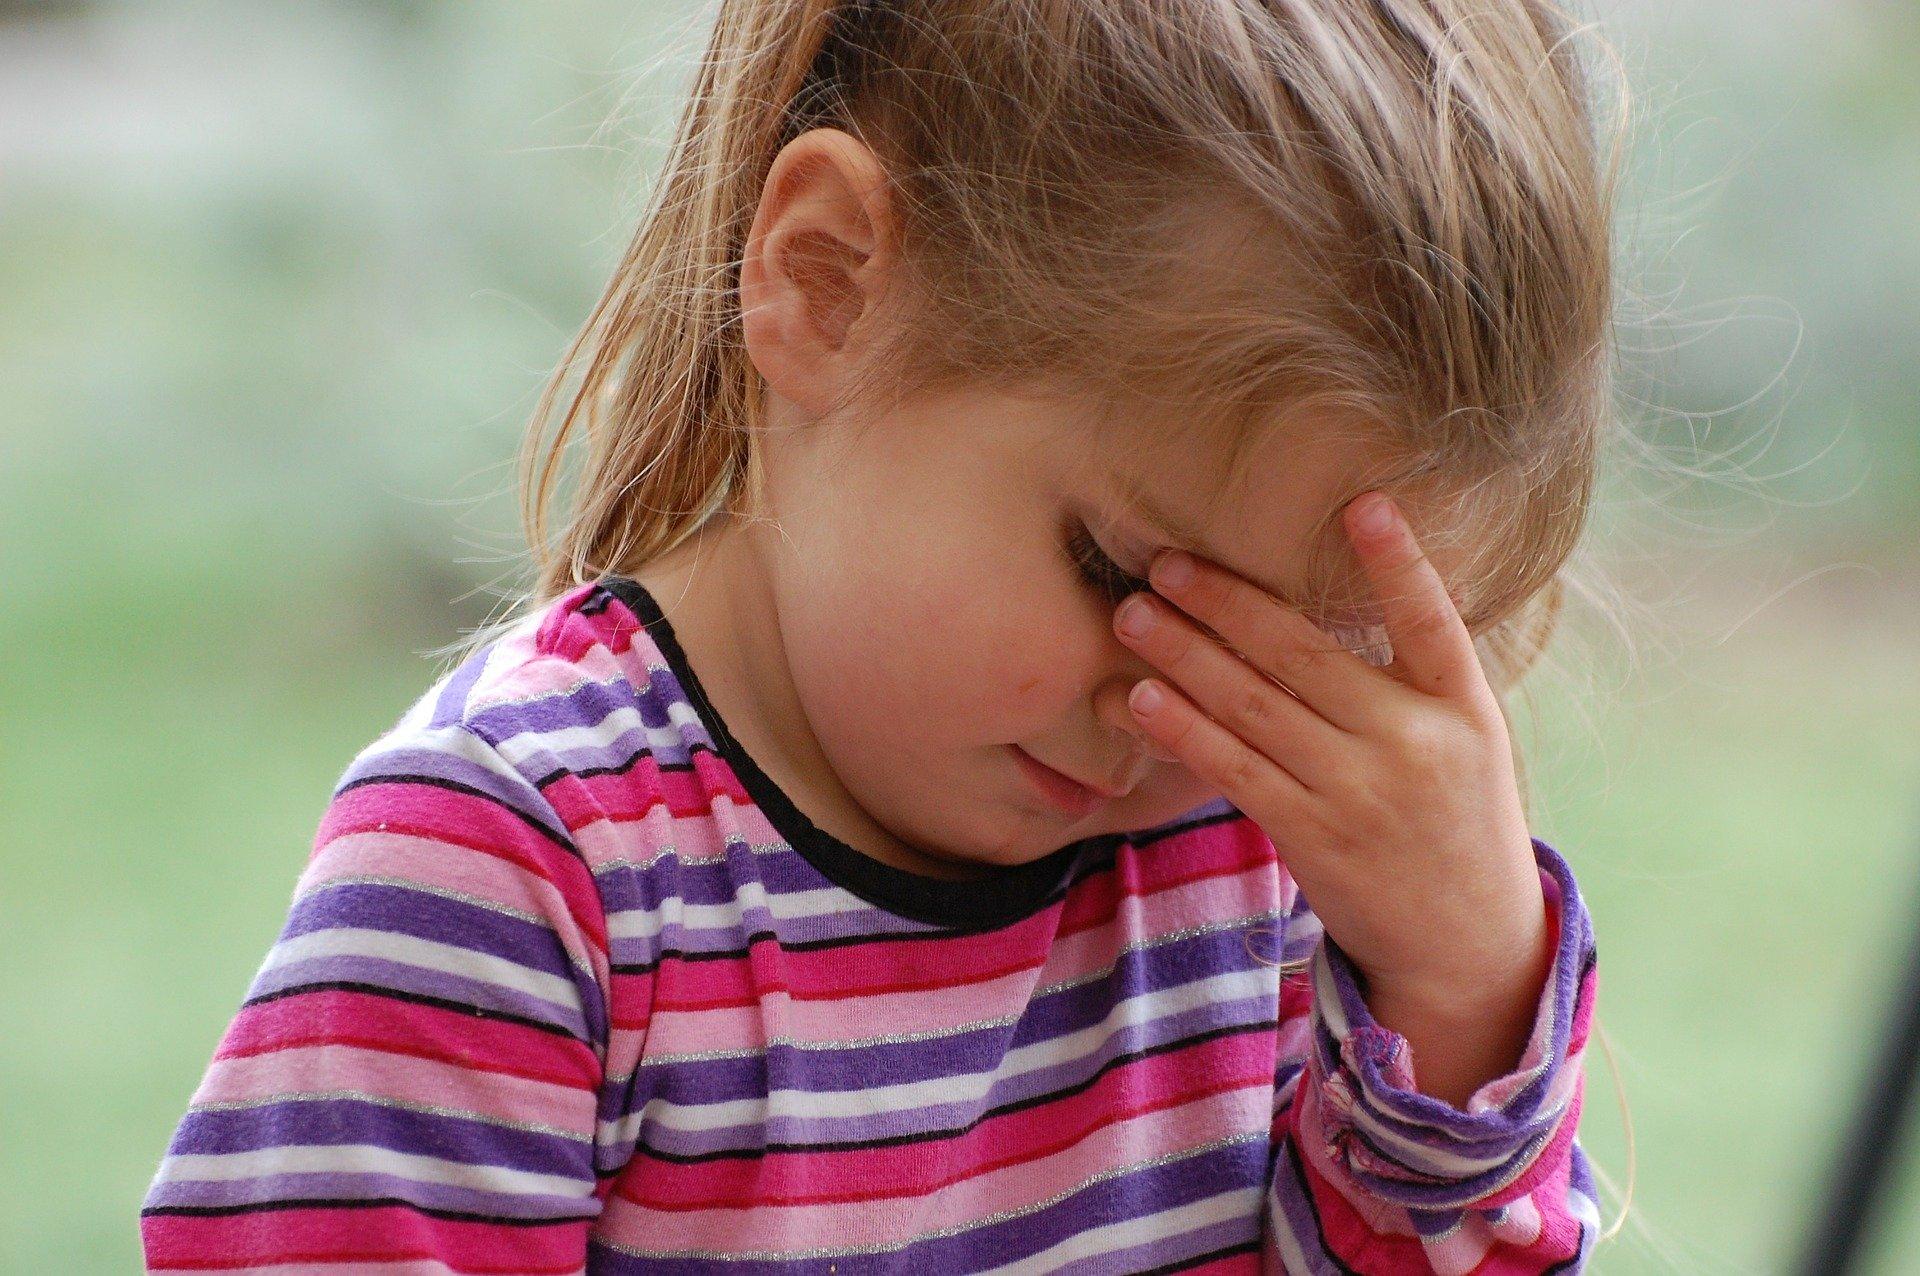 הגורמים שמקשיים בלימודים לילדים